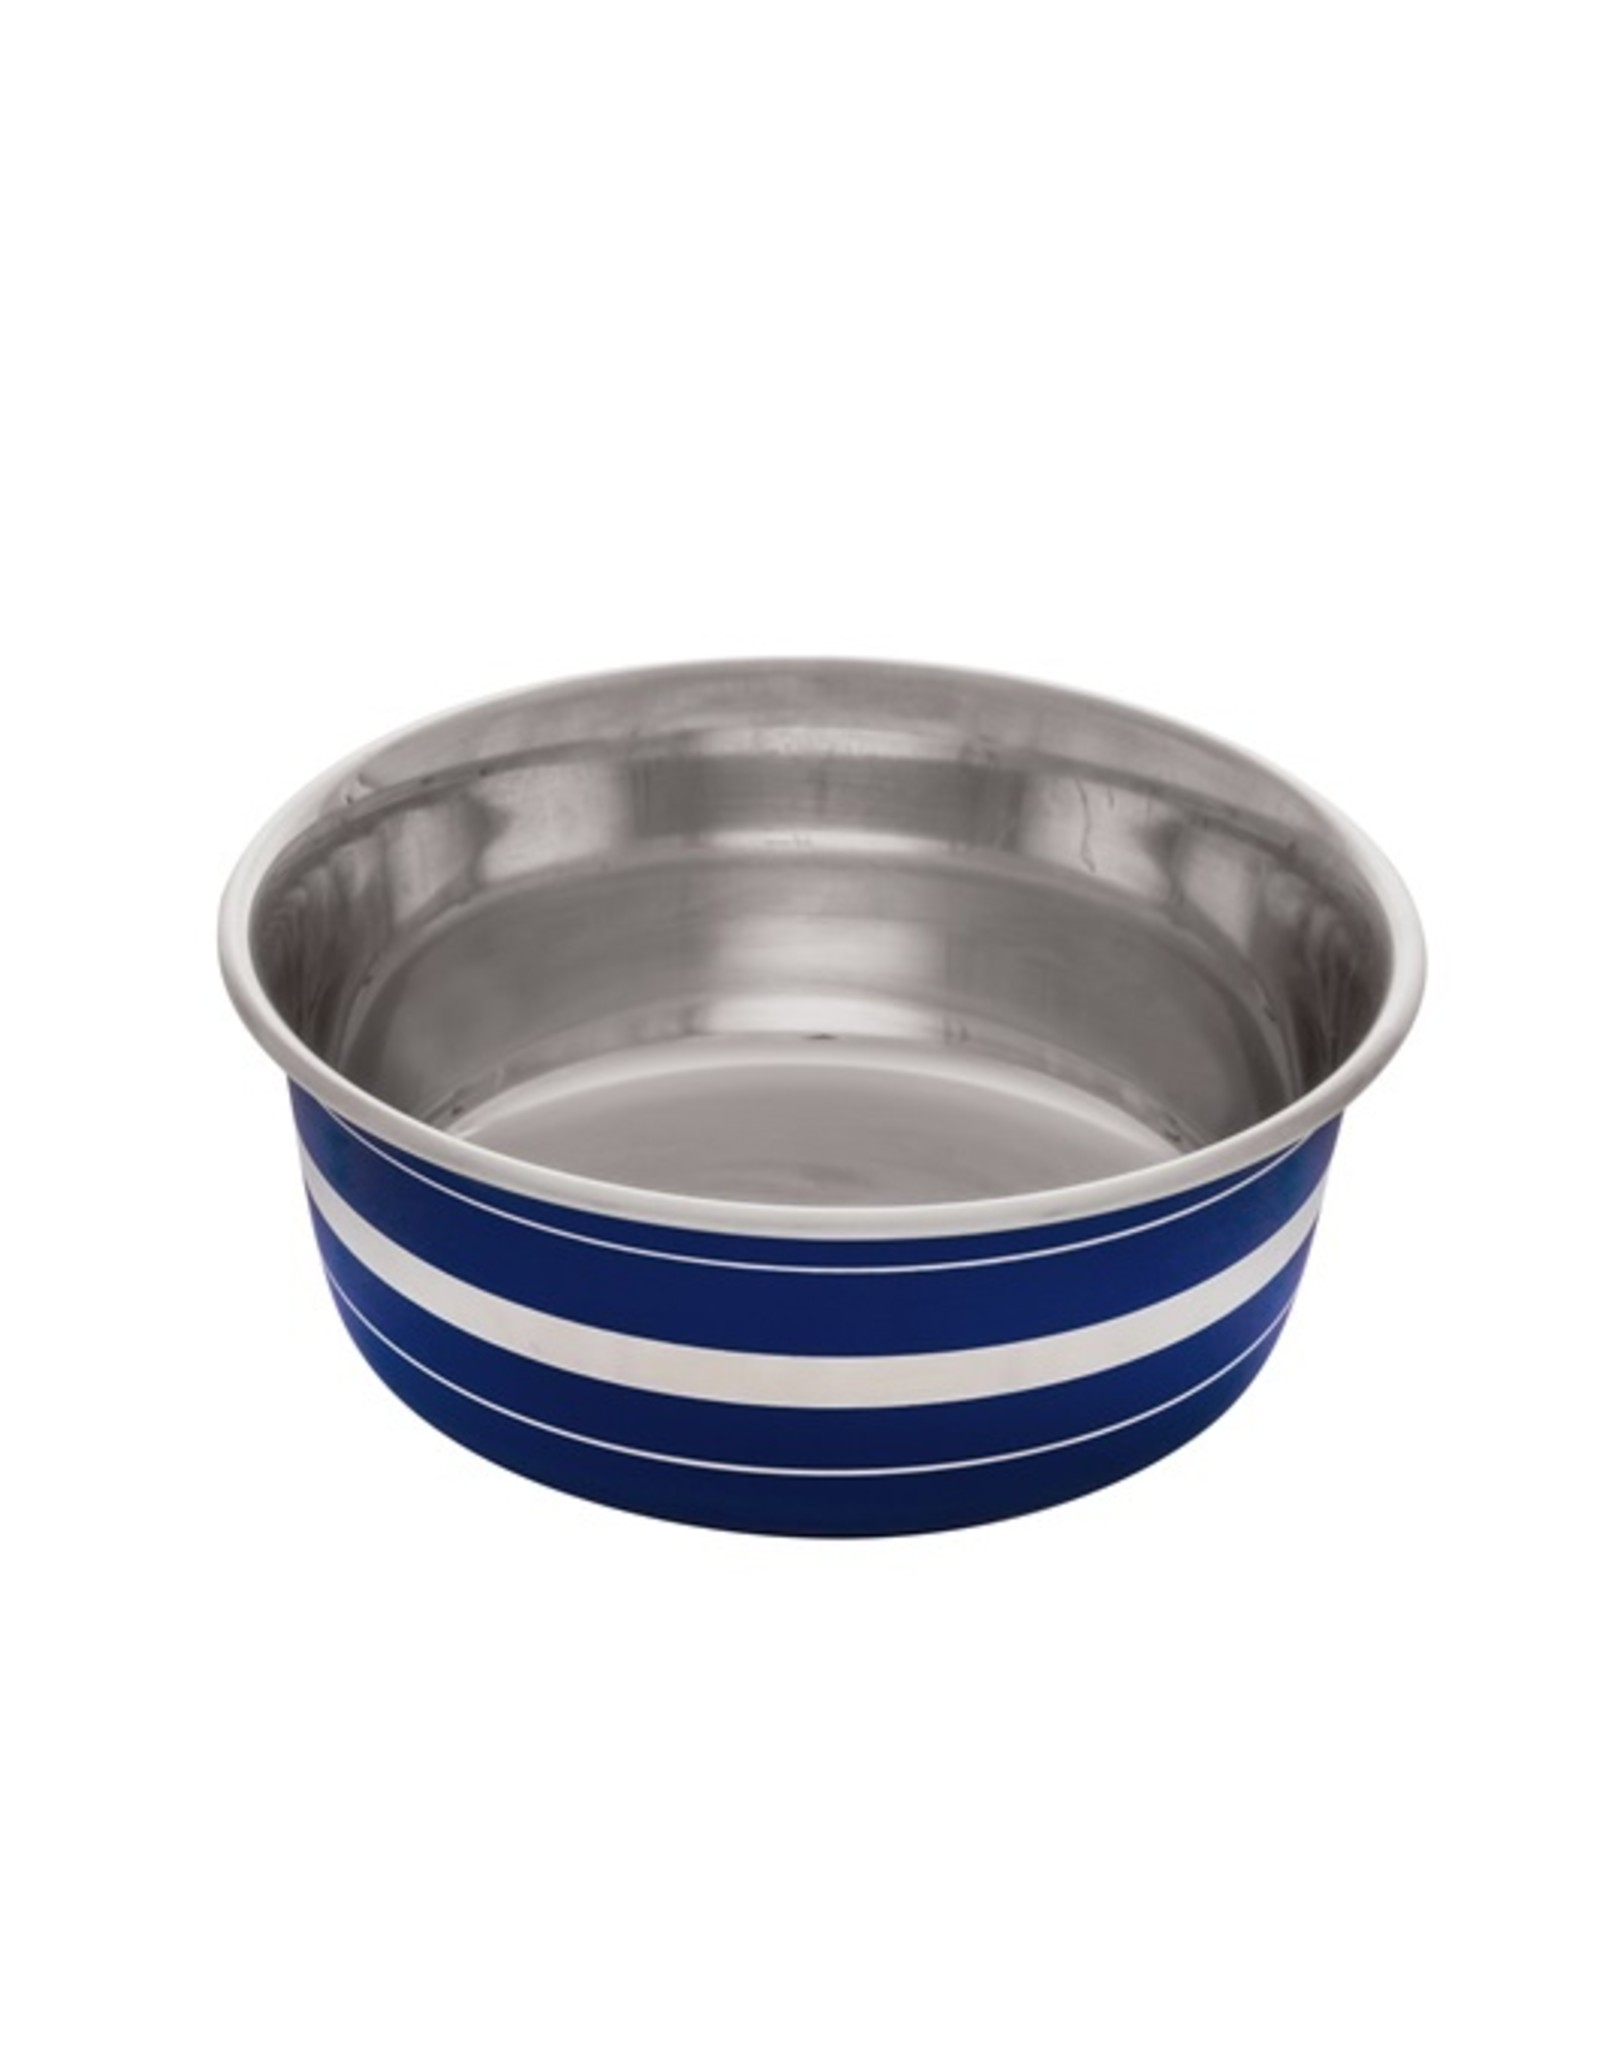 DogIt Stainless Steel Non-Skid Bowl Blue Stripe 350ml